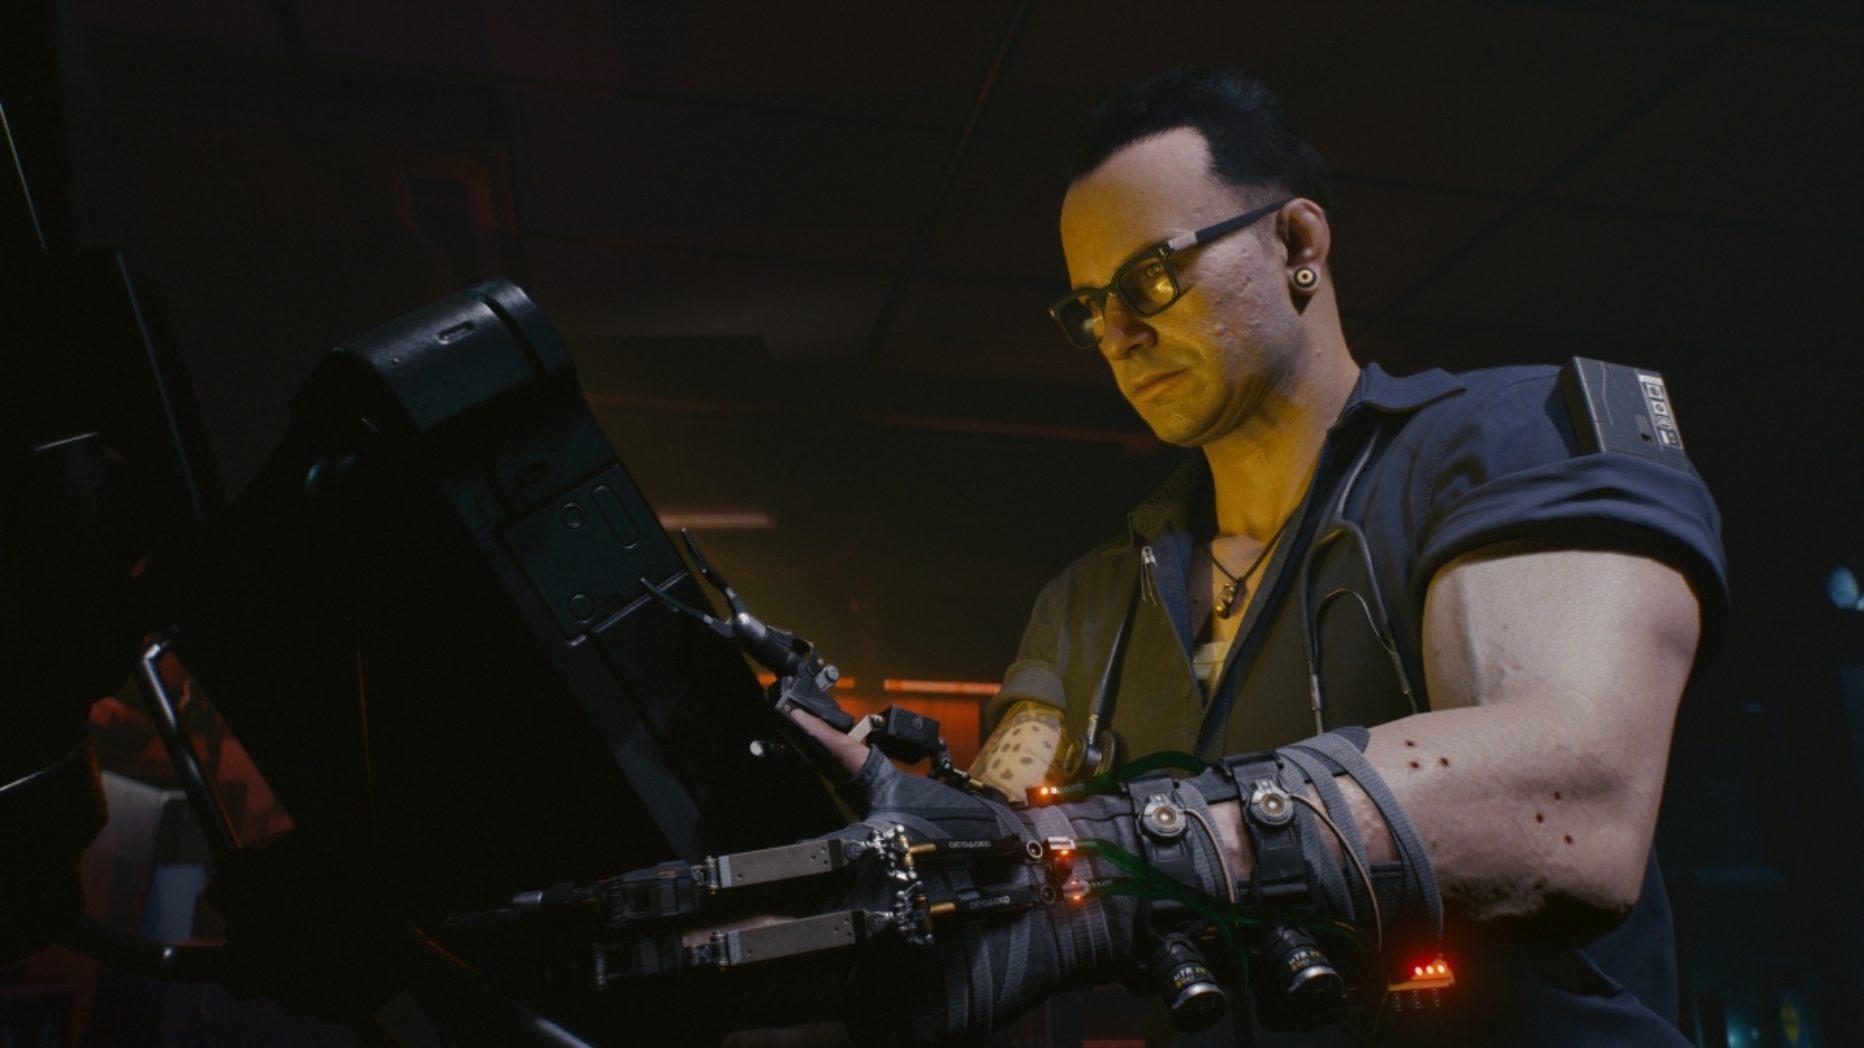 Cyberpunk2077-hacker.jpg